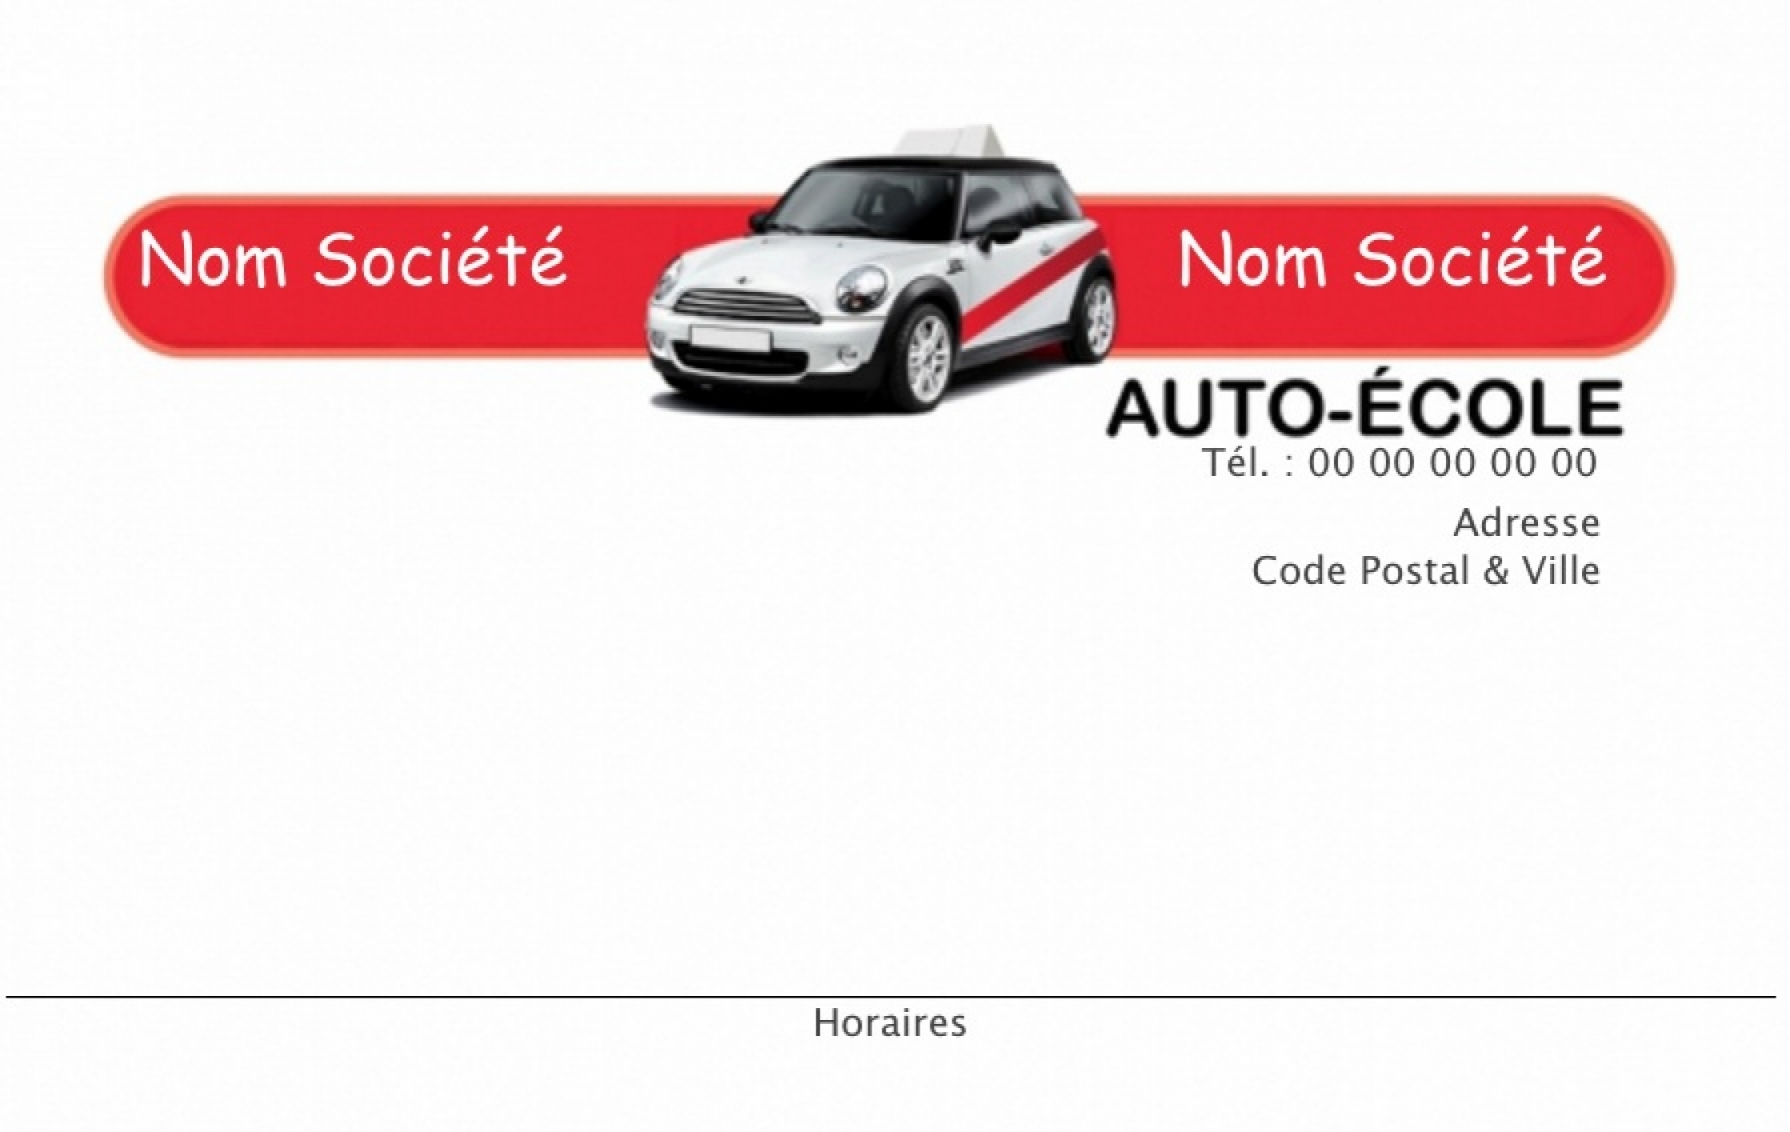 Auto Ecole Carte De Visite Modele Moderne Gratuit Avec Impression Pas Chere Ou Telechargement